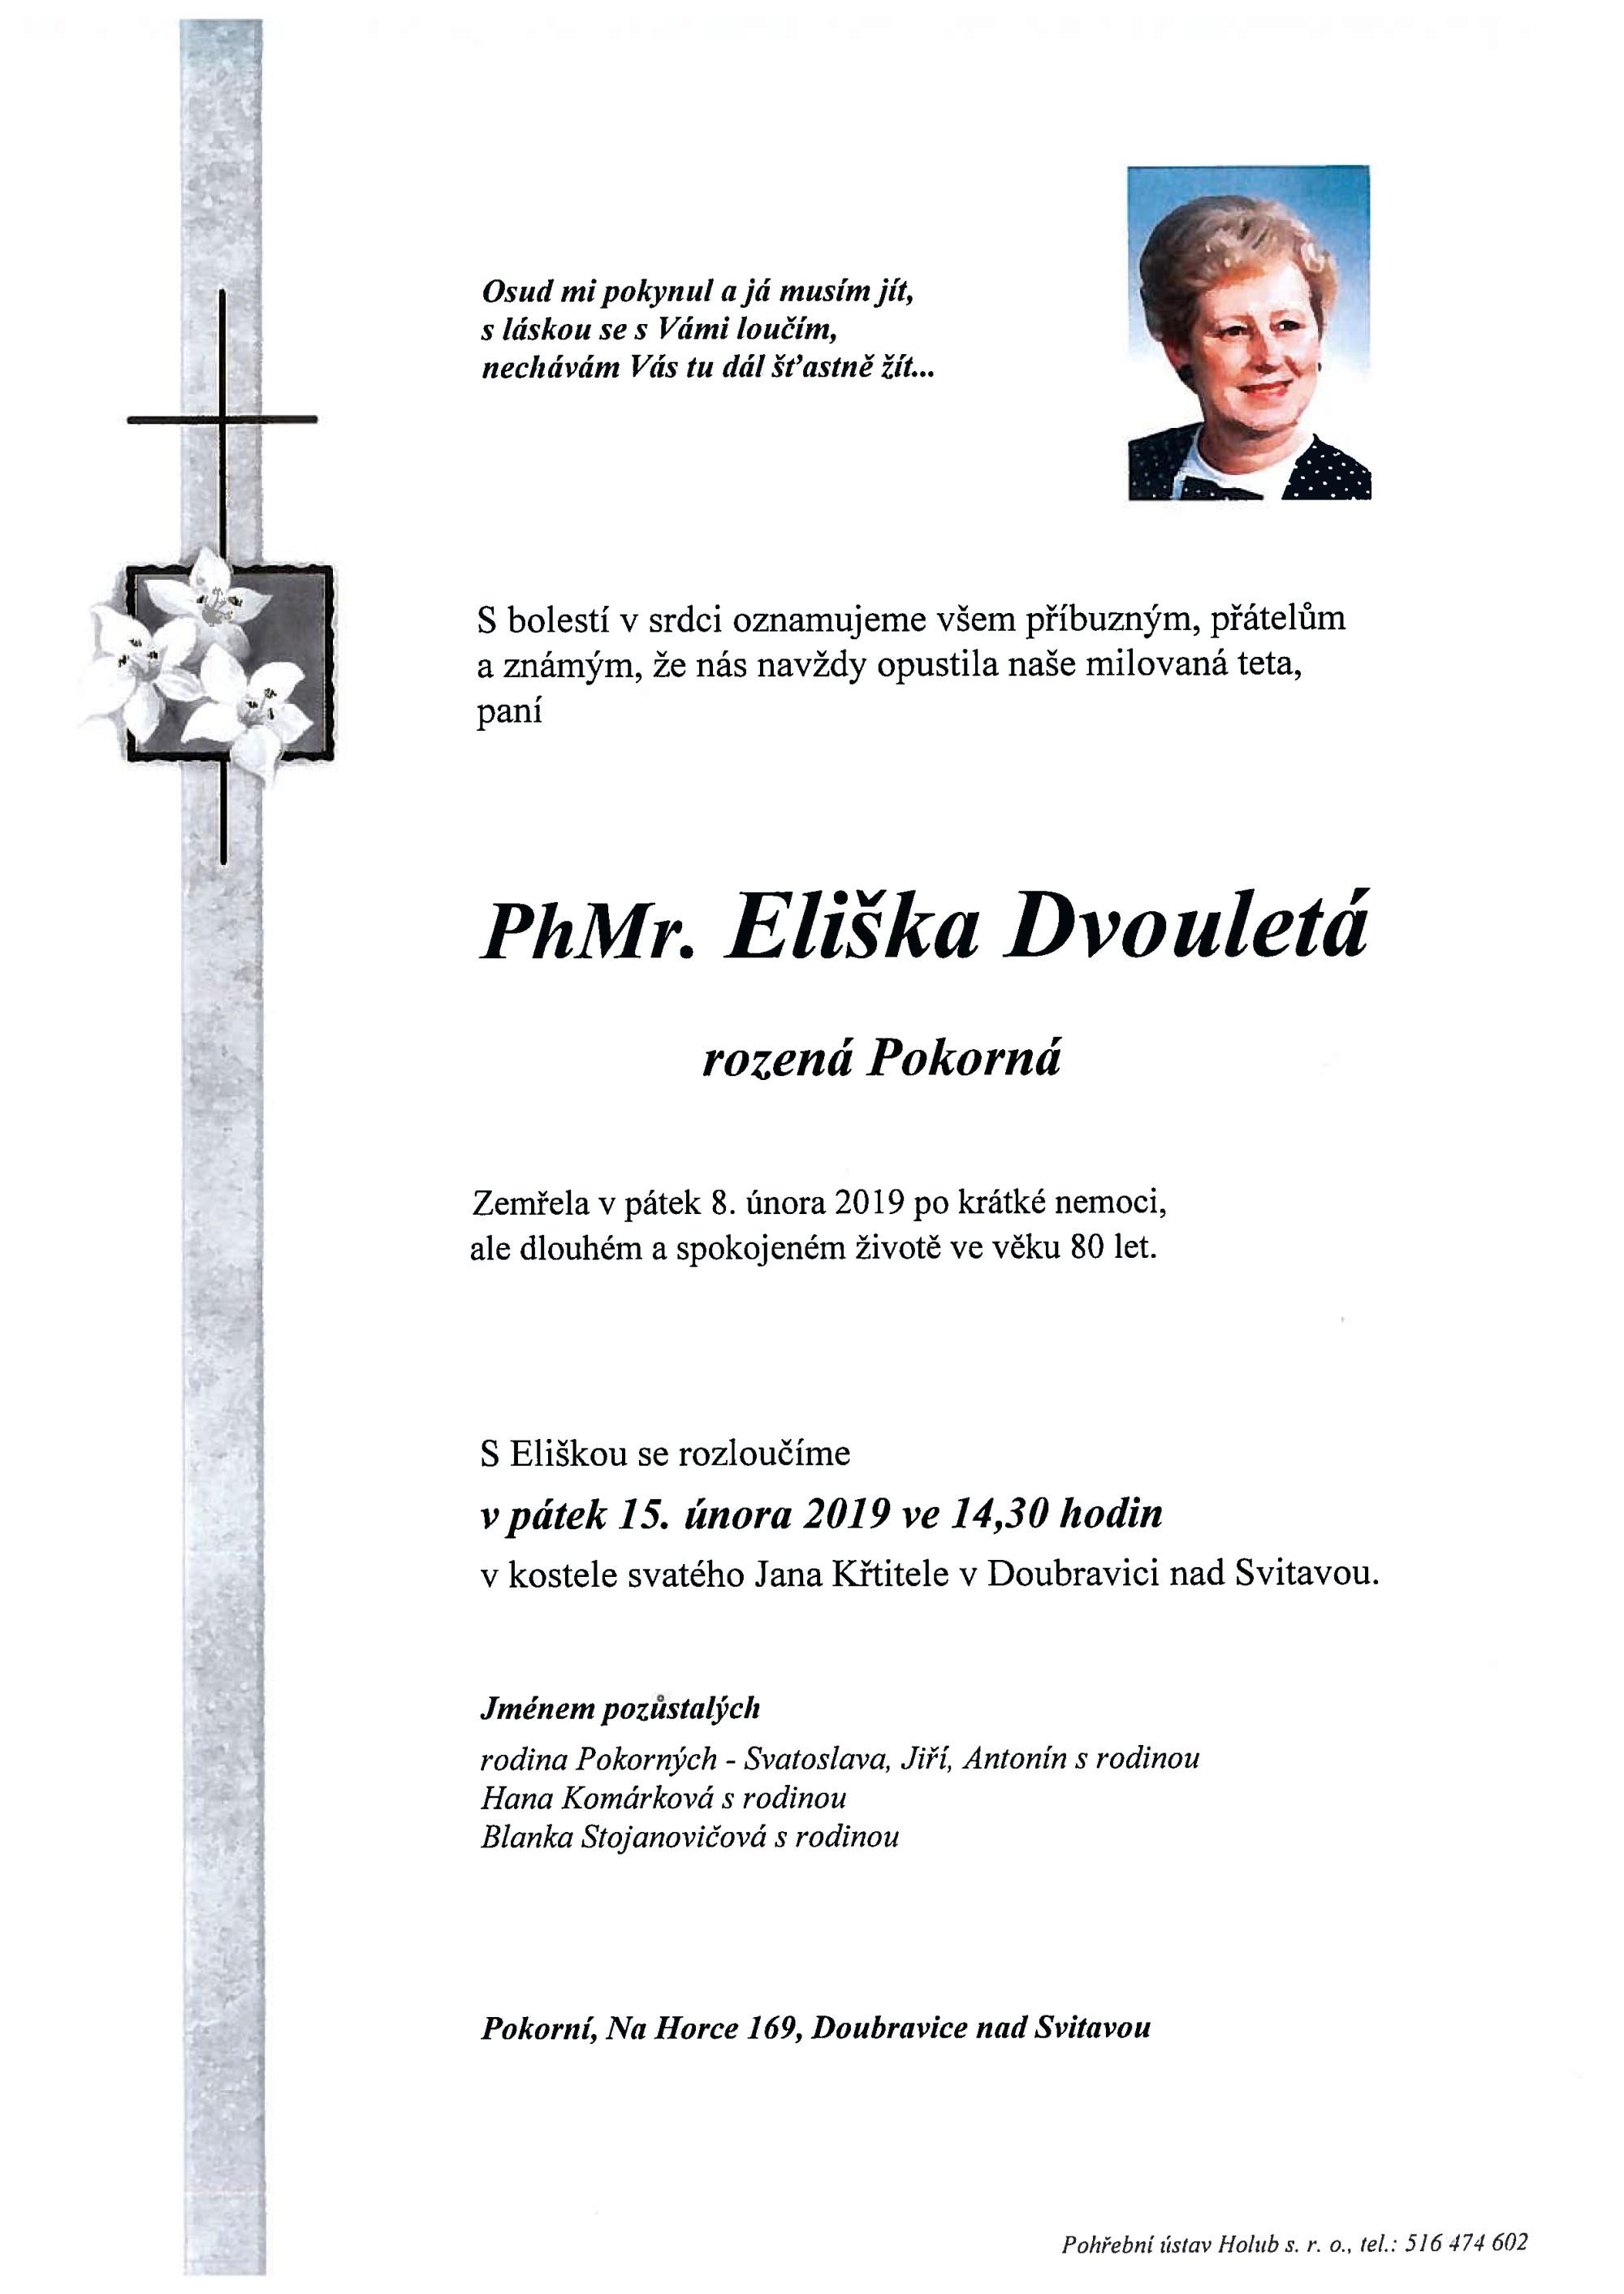 PhMr. Eliška Dvouletá